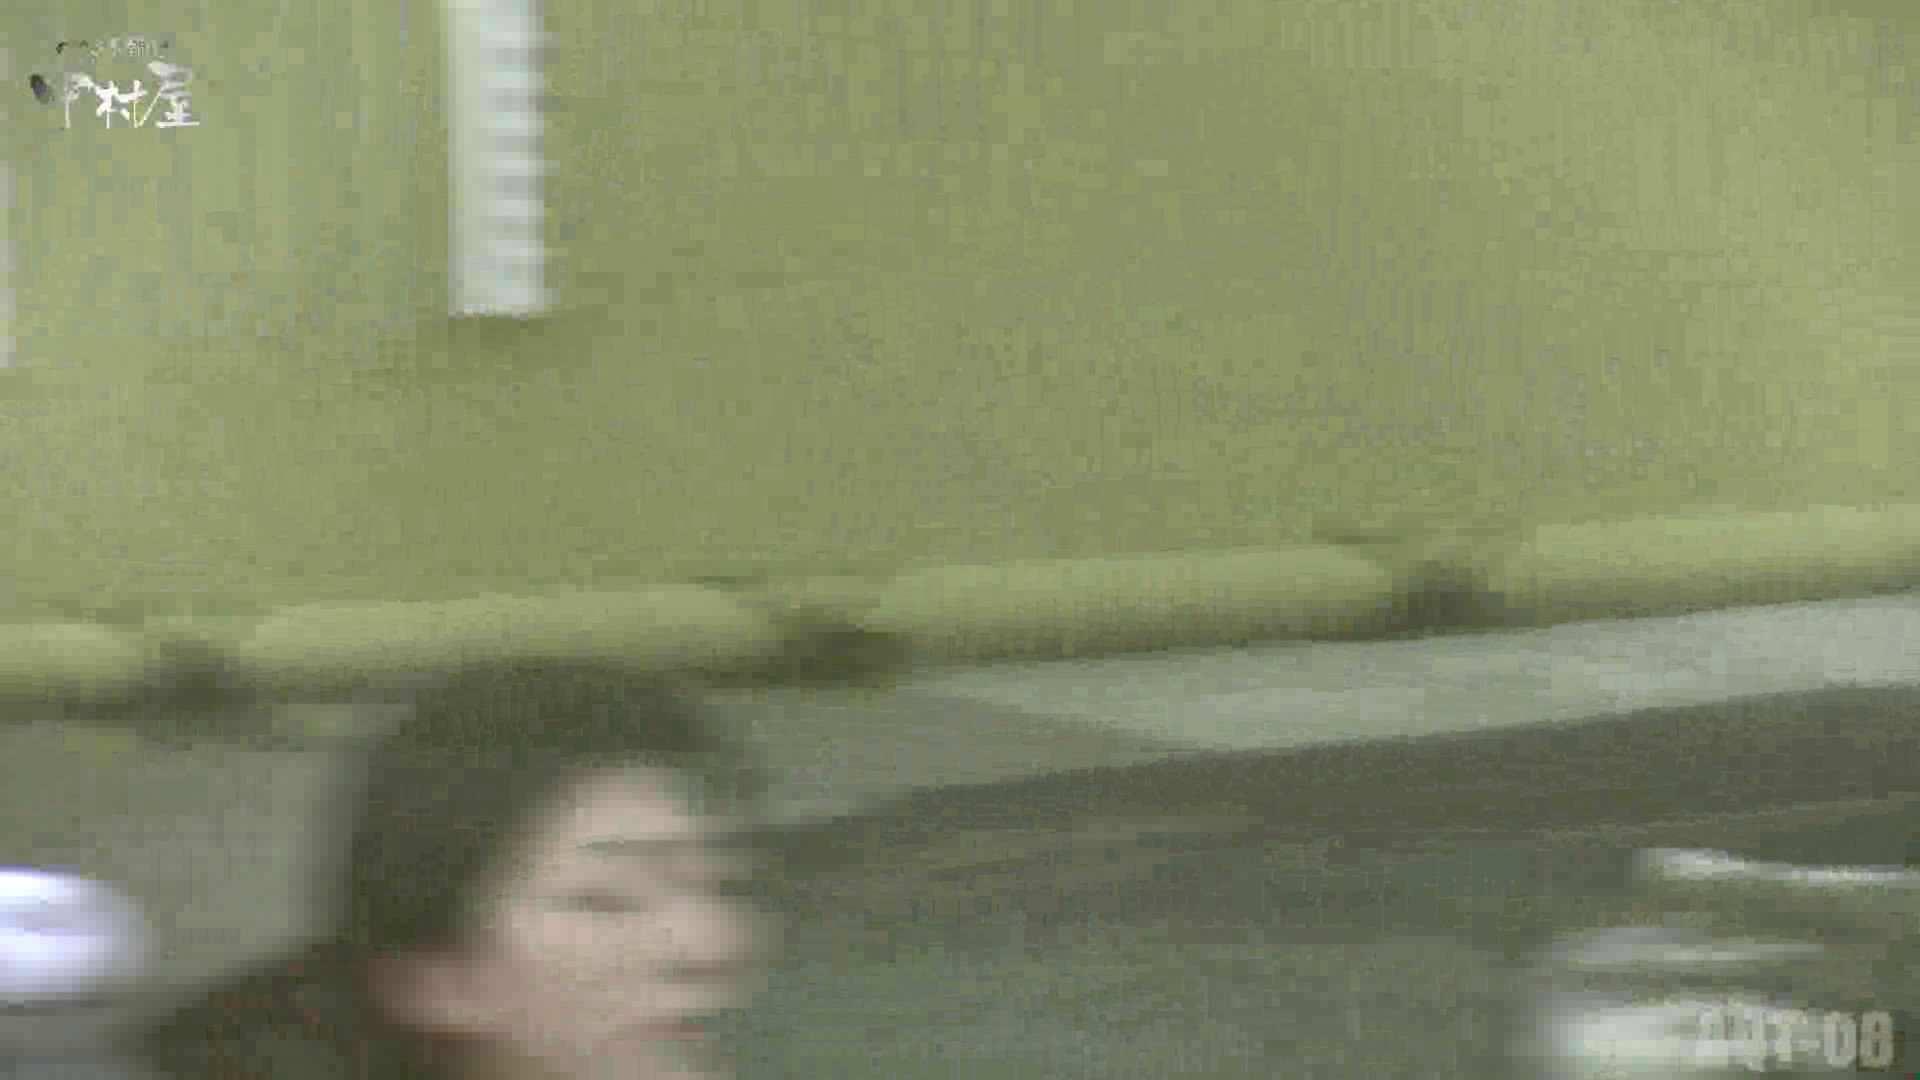 Aquaな露天風呂Vol.872潜入盗撮露天風呂八判湯 其の四 潜入 隠し撮りおまんこ動画流出 92連発 86